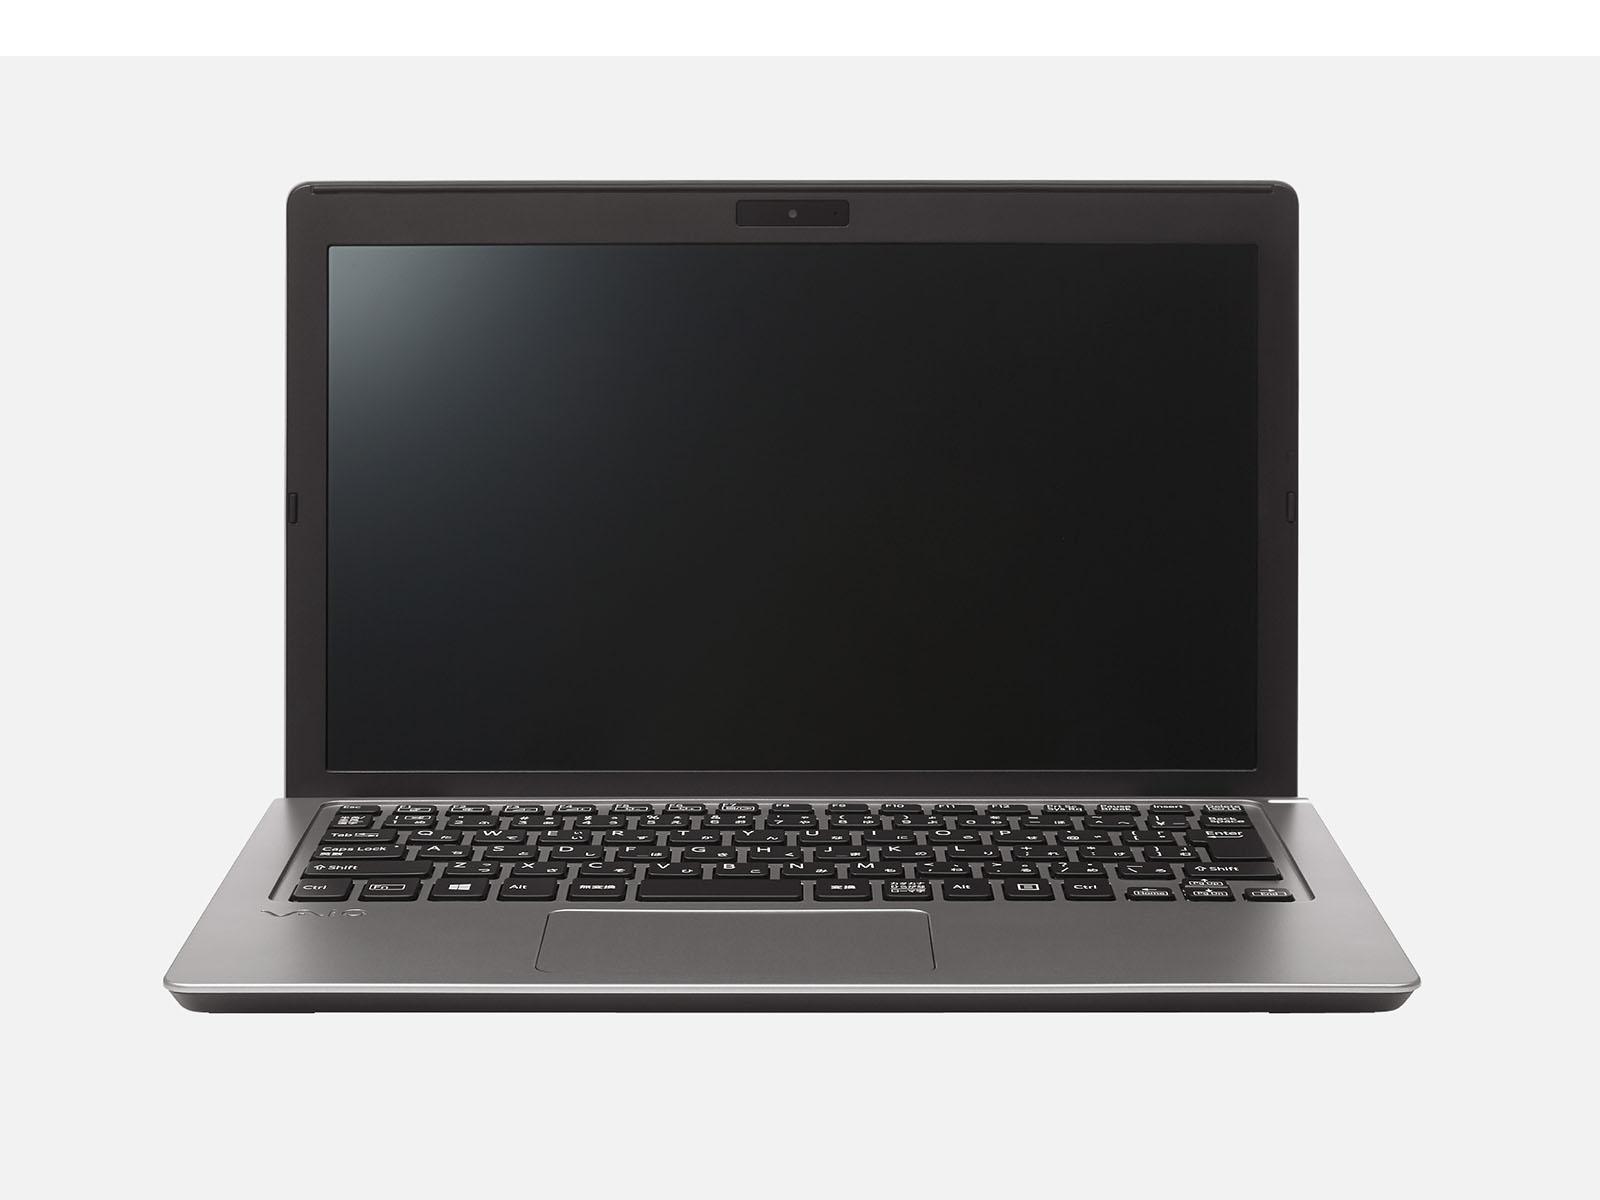 light-stylish-laptop-vaio-s11